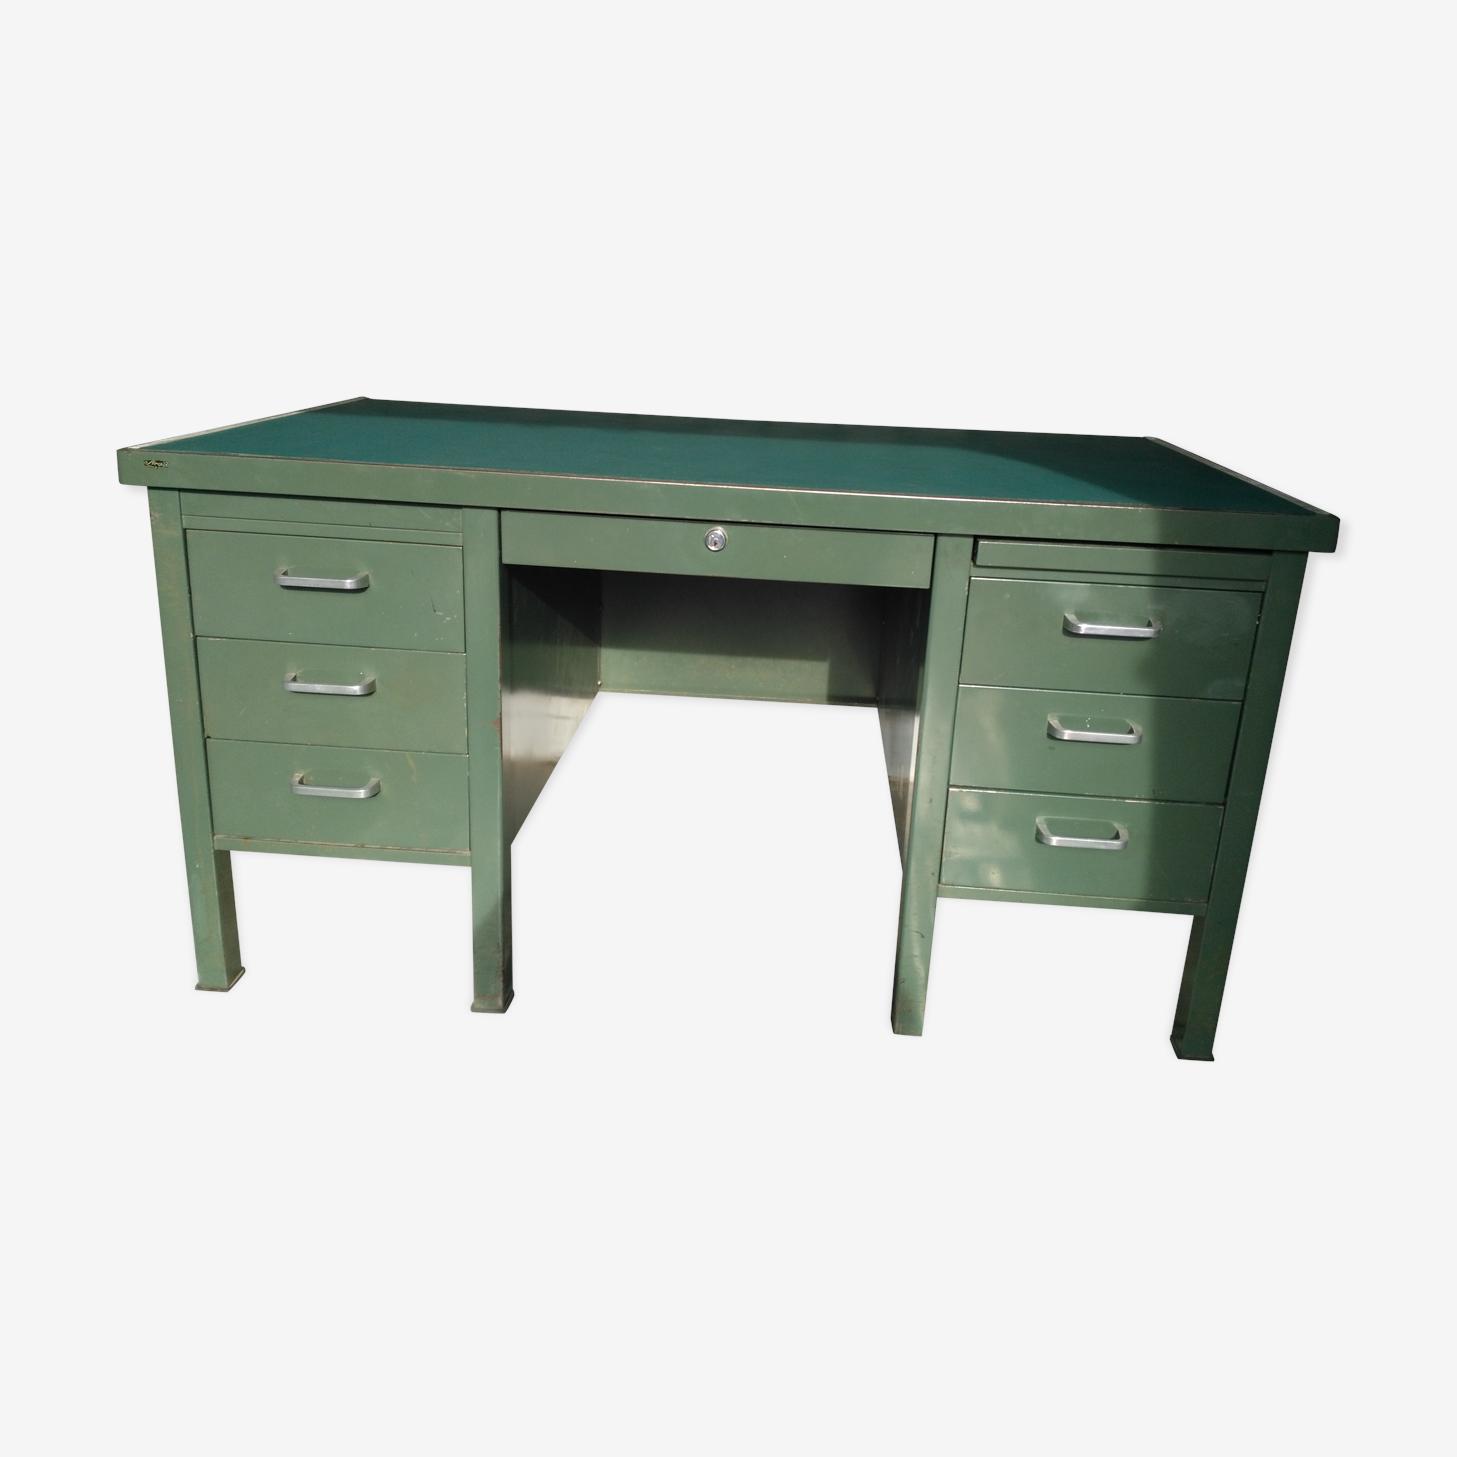 Industrial Stafor desk